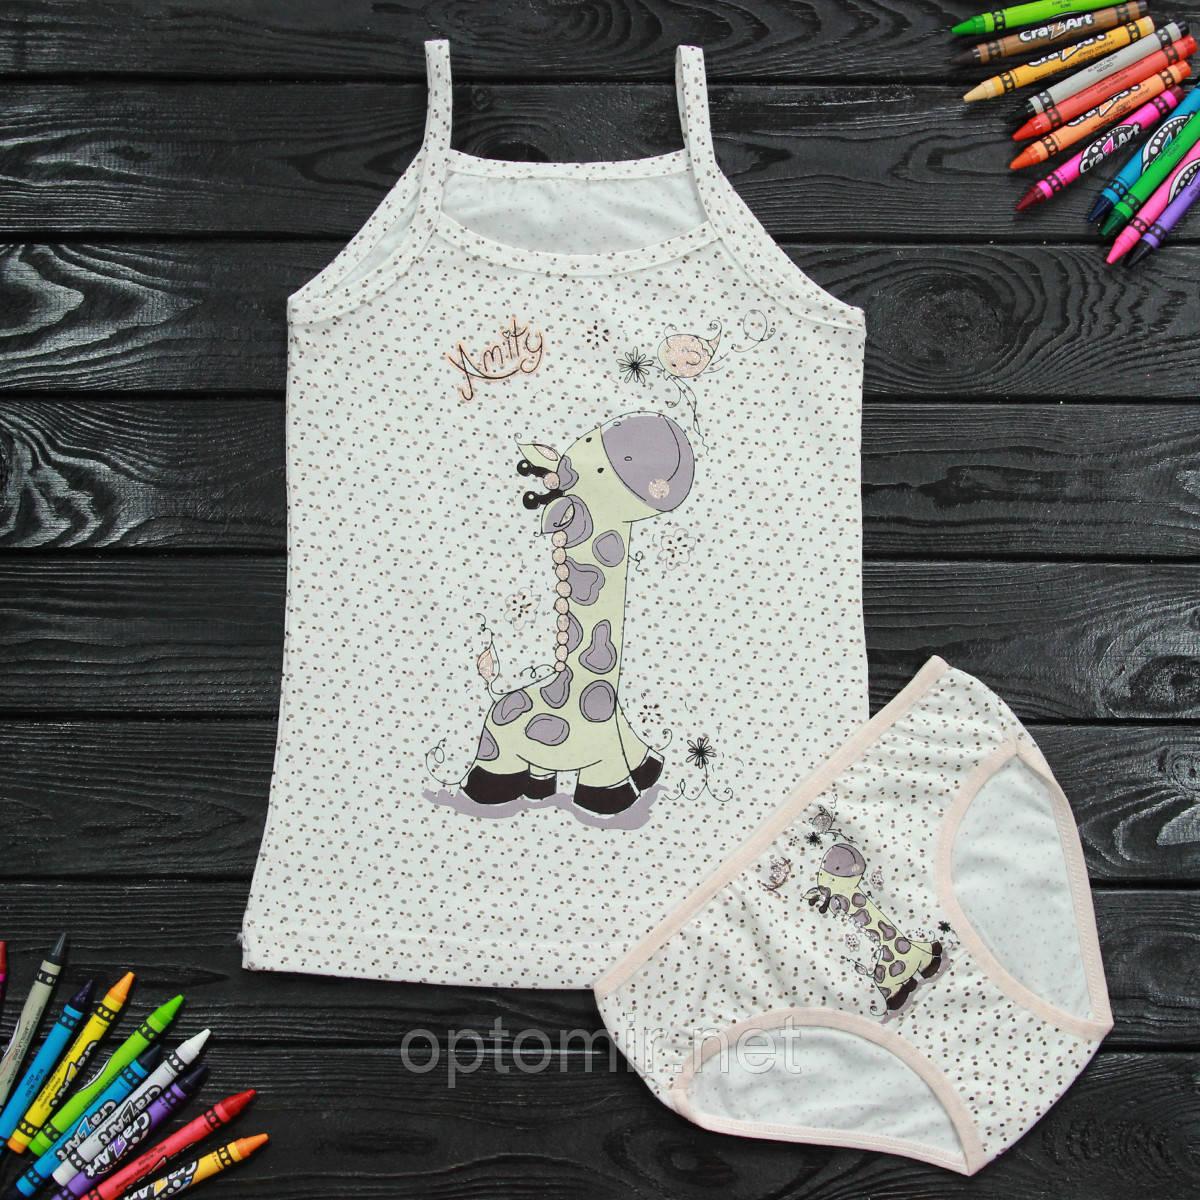 Комплект дитячий Donella з жирафом бежевий для дівчинки на 6/7 років   1 шт.